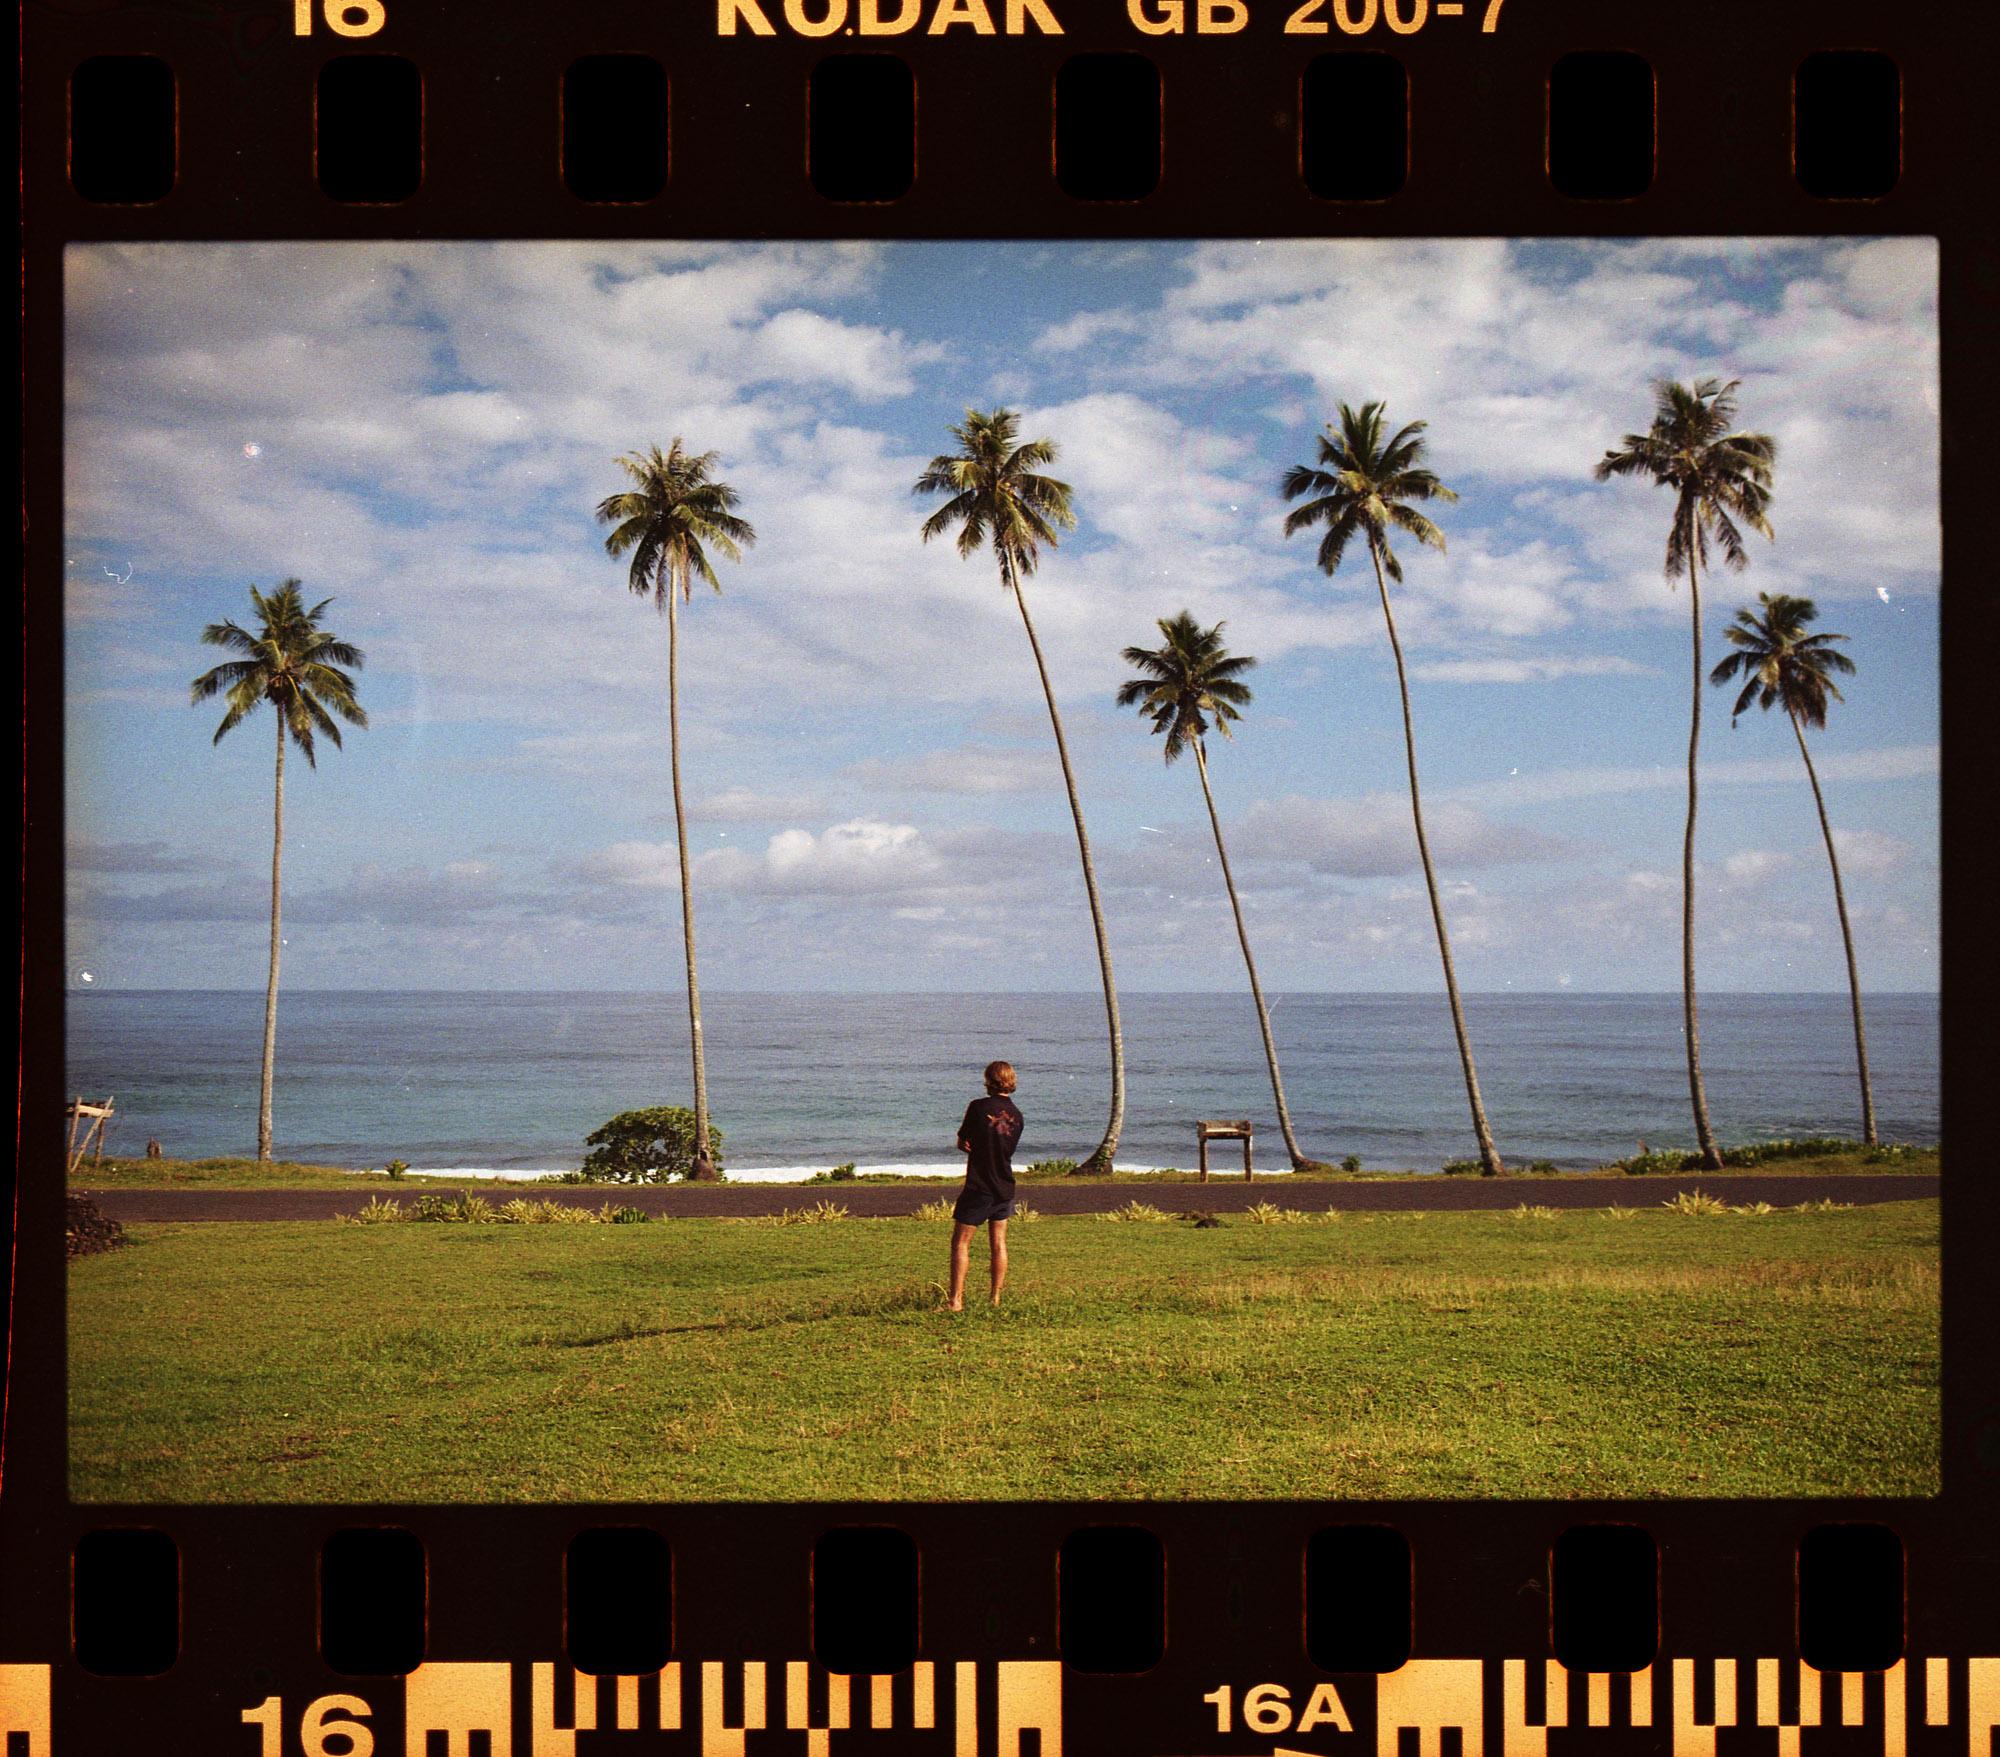 Samoa_RVCA_KodakGold017.JPG